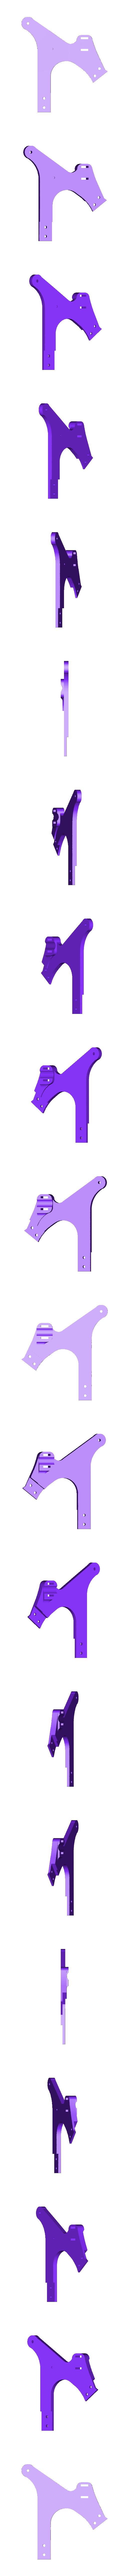 1.stl Télécharger fichier STL gratuit Lit d'impression Prusa I3 XL • Plan pour impression 3D, indigo4